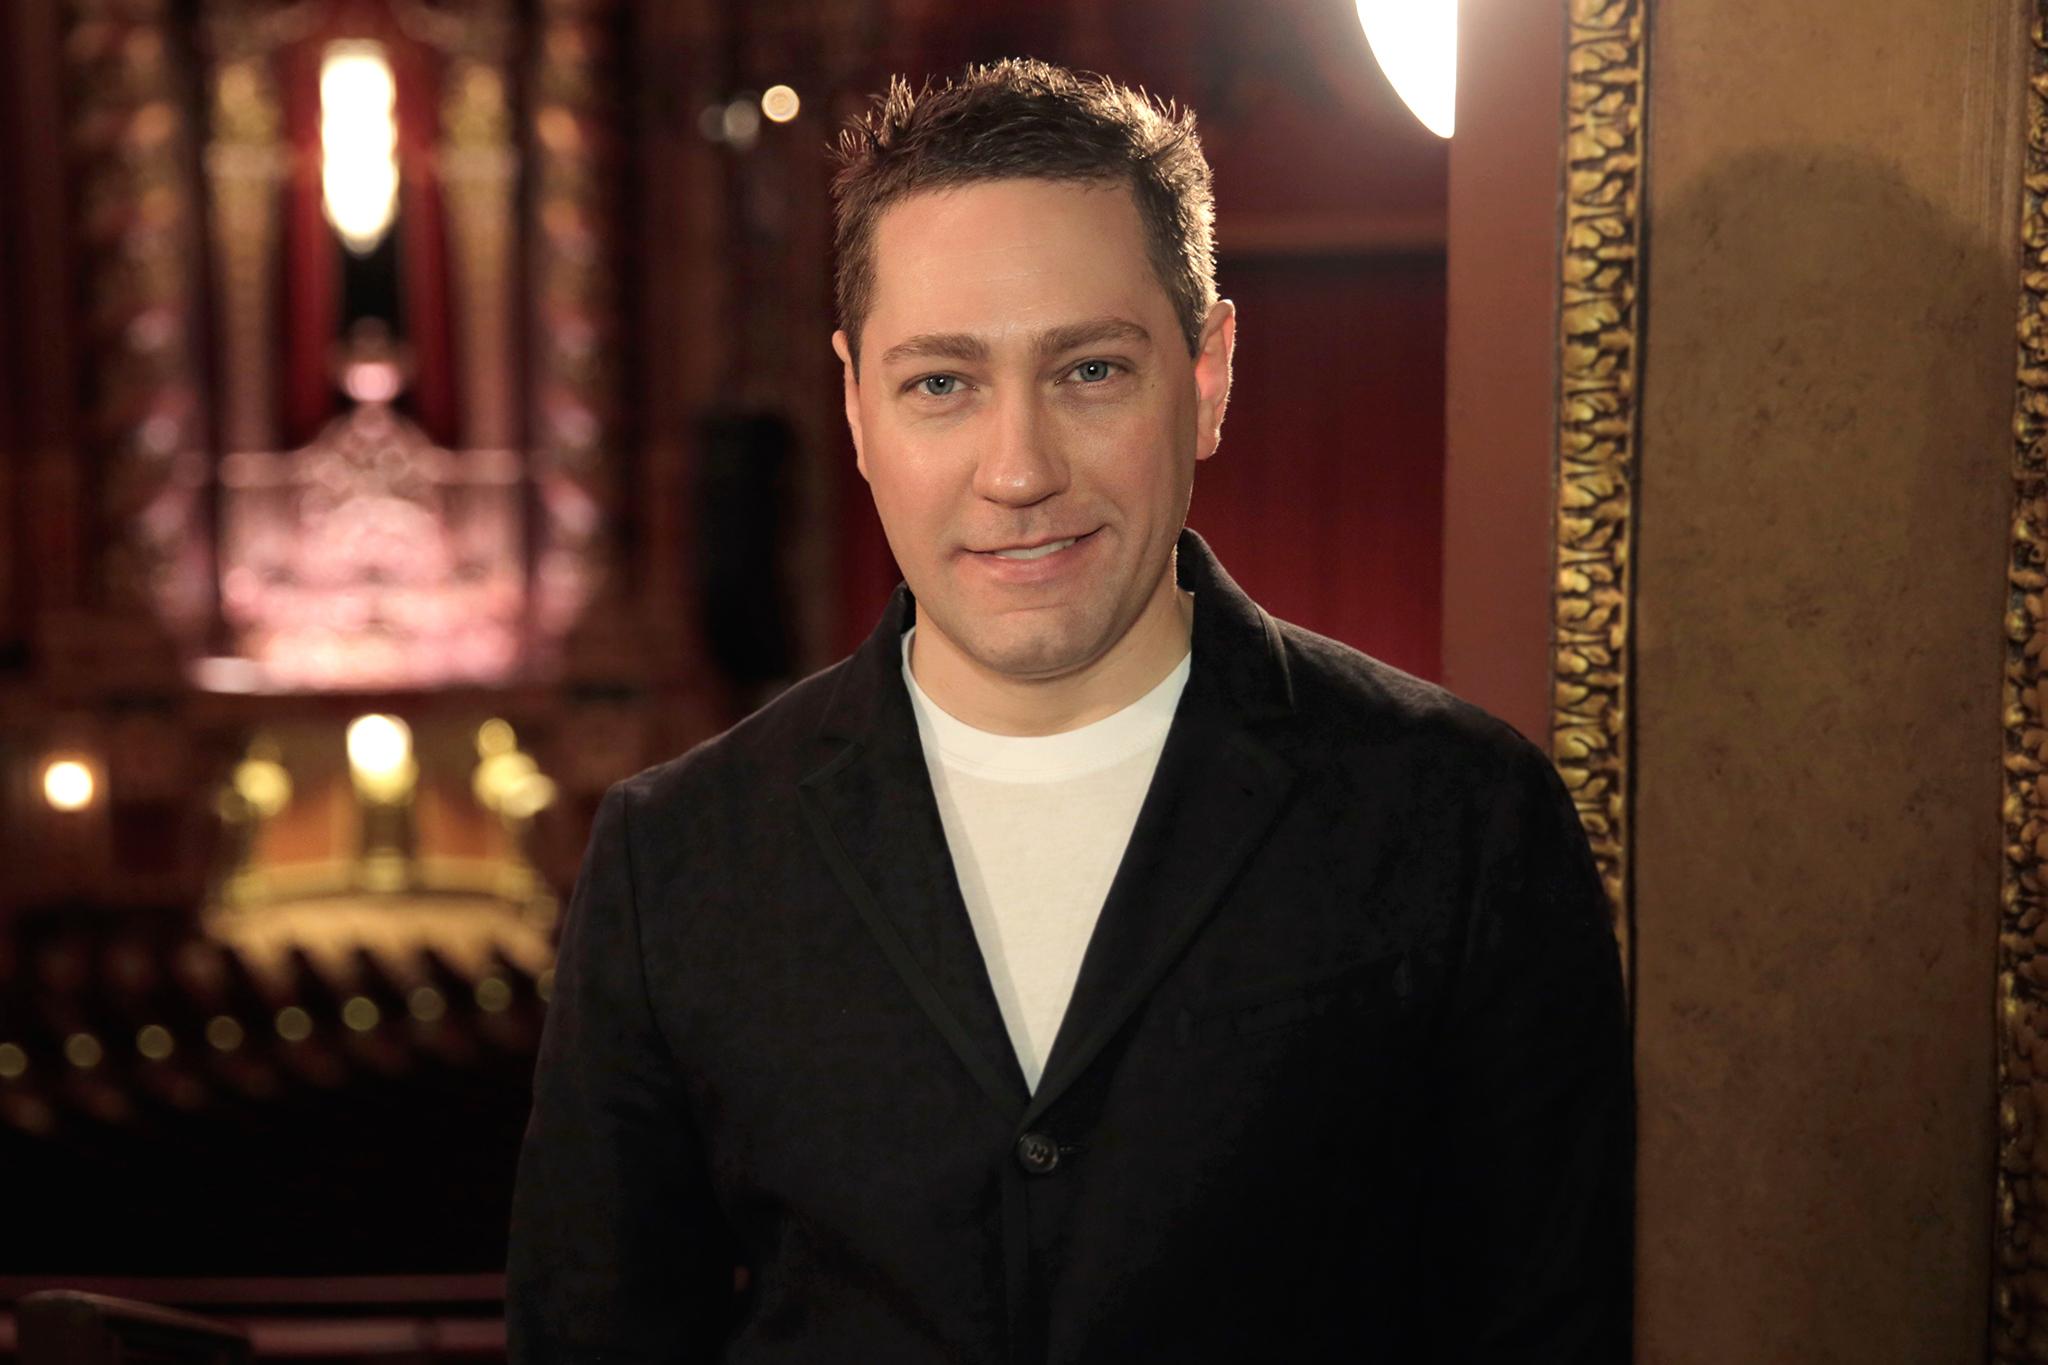 Event producer Joseph A. Berger